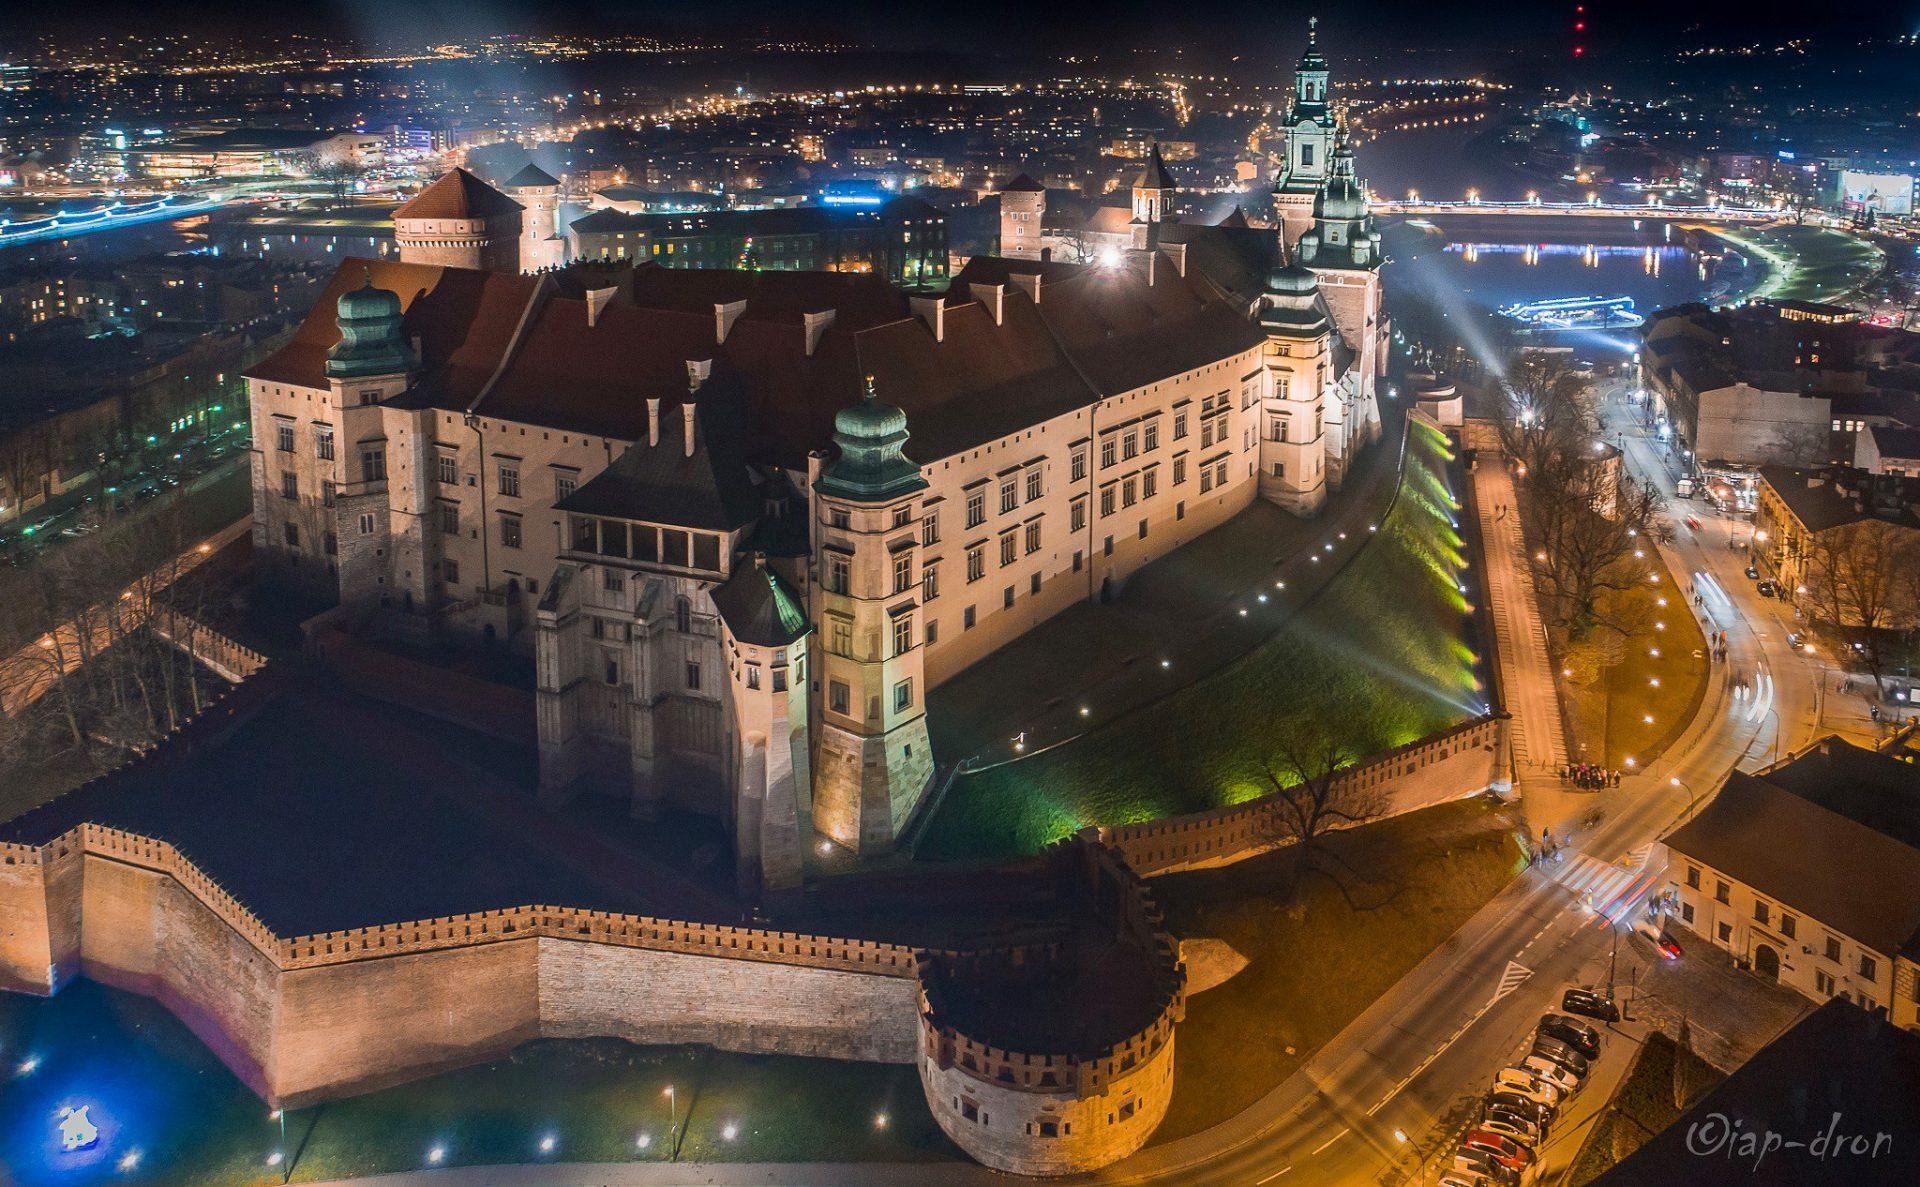 Zamek Królewski na Wawelu. Fot. Krak-Dron.